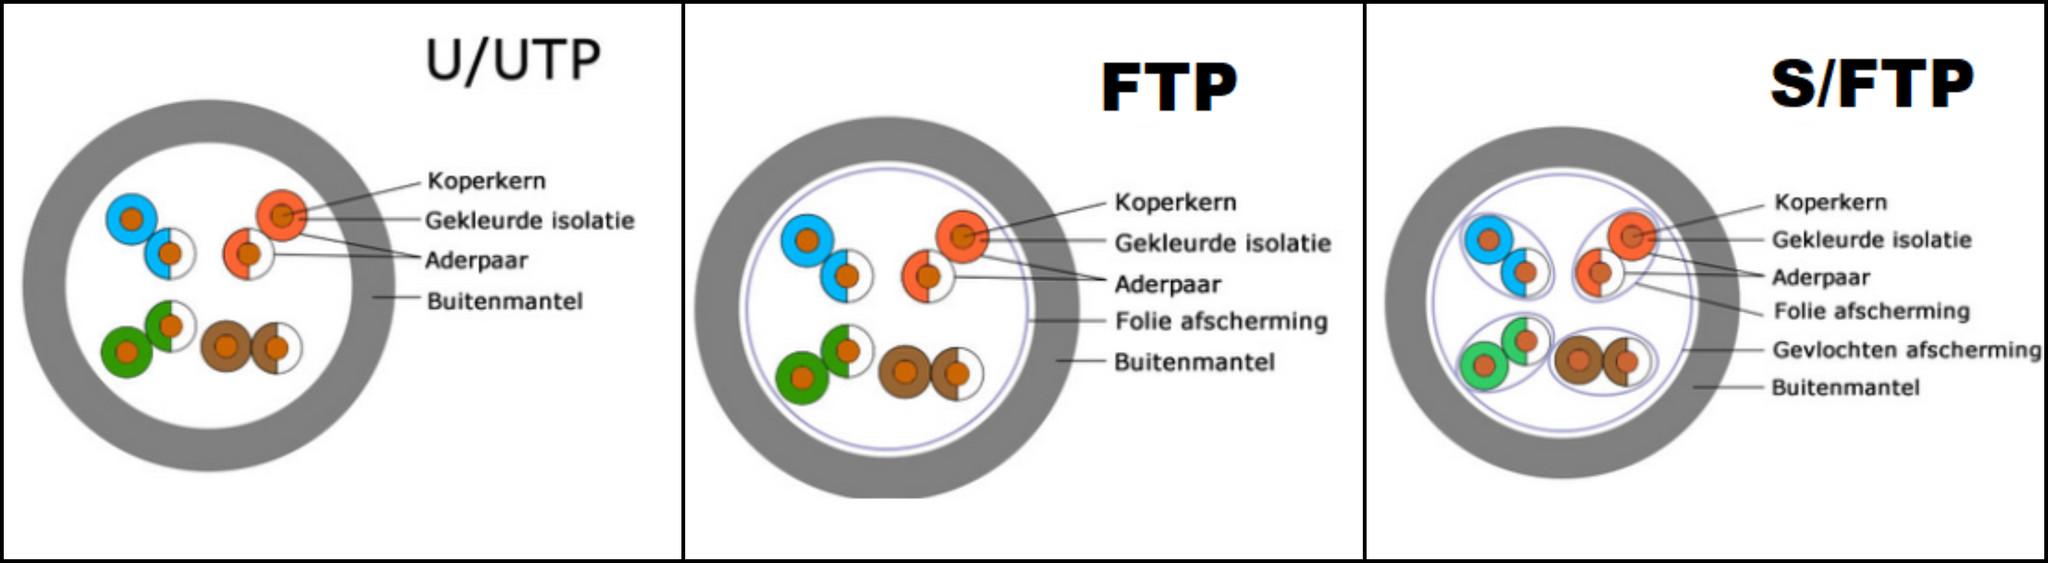 UTP vs FTP: wat zijn de verschillen?